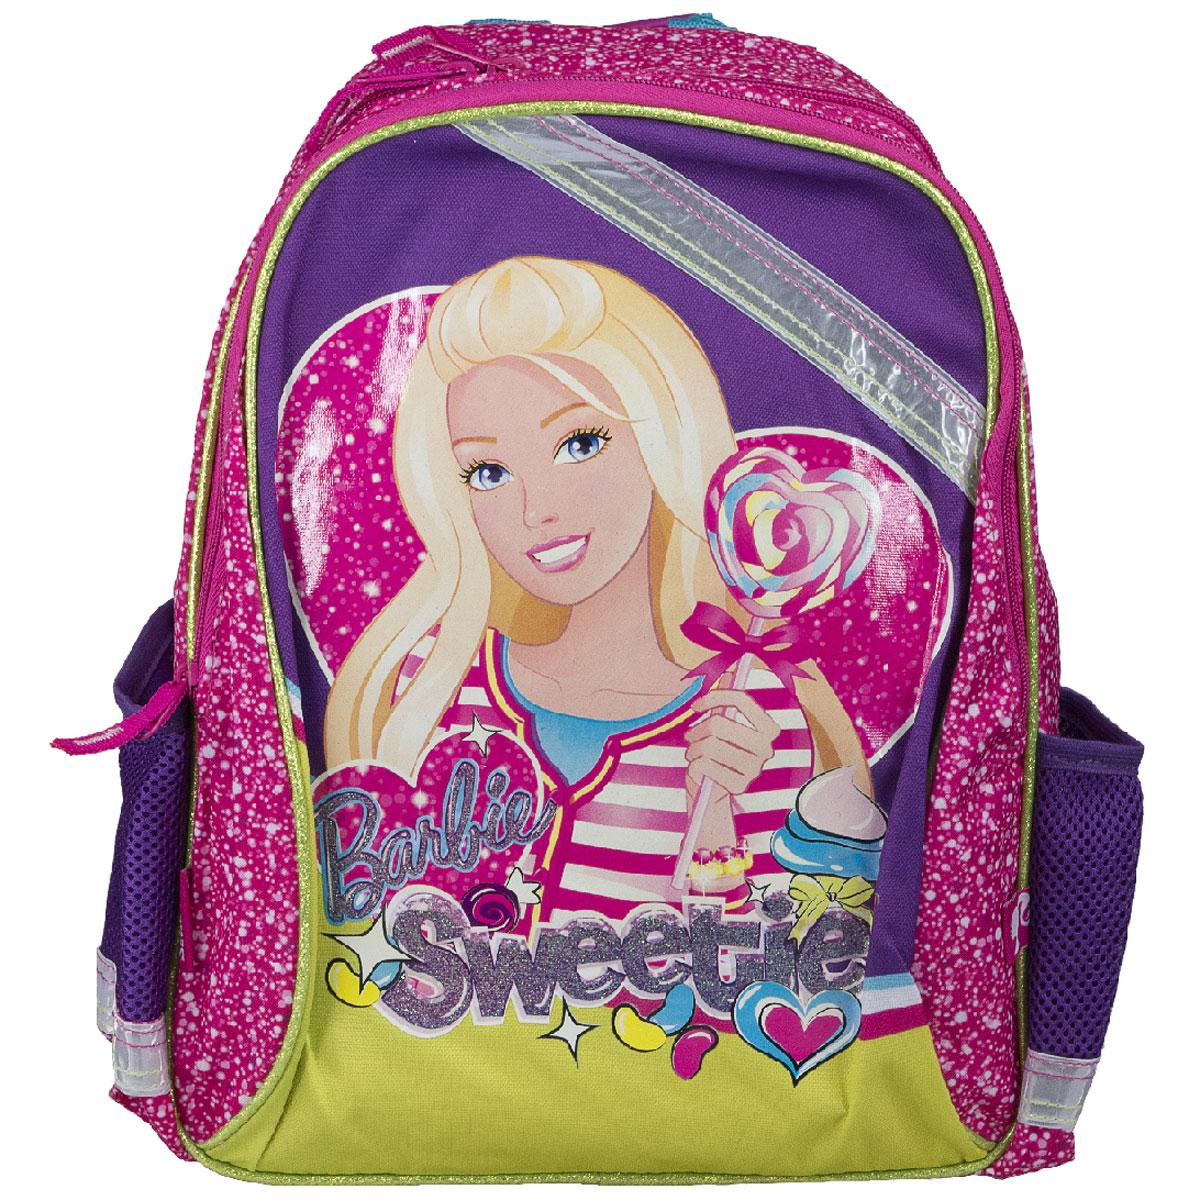 Рюкзак школьный Barbie Sweetie, цвет: розовый, фиолетовый. BRCB-MT1-977BRCB-MT1-977Рюкзак школьный Barbie Sweetie обязательно понравится вашей школьнице. Выполнен из прочных и высококачественных материалов, дополнен изображением очаровательной Барби.Содержит два вместительных отделения, закрывающиеся на застежки-молнии. В большом отделении находится перегородка для тетрадей или учебников. Дно рюкзака можно сделать жестким, разложив специальную панель с пластиковой вставкой, что повышает сохранность содержимого рюкзака и способствует правильному распределению нагрузки. По бокам расположены два накладных кармана-сетка. Конструкция спинки дополнена противоскользящей сеточкой и системой вентиляции для предотвращения запотевания спины ребенка. Мягкие широкие лямки позволяют легко и быстро отрегулировать рюкзак в соответствии с ростом. Рюкзак оснащен эргономичной ручкой для удобной переноски в руке. Светоотражающие элементы обеспечивают безопасность в темное время суток.Такой школьный рюкзак станет незаменимым спутником вашего ребенка в походах за знаниями.Вес рюкзака без наполнения: 550 г.Рекомендуемый возраст: от 7 лет.